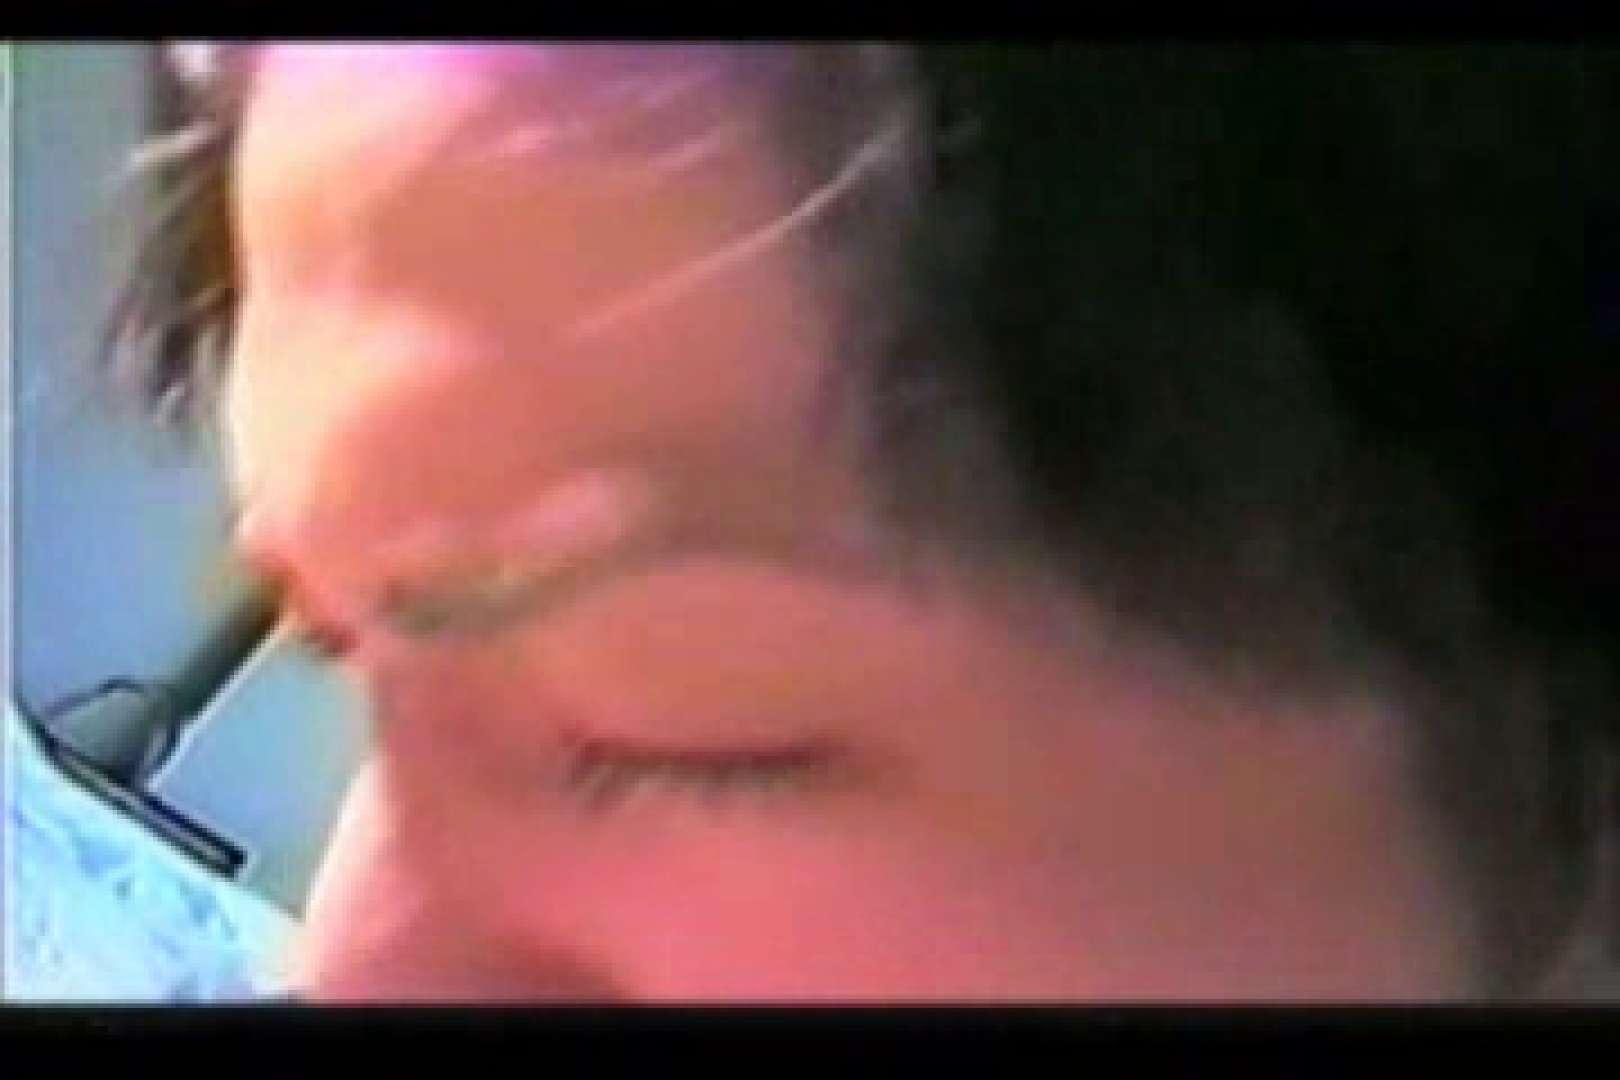 【流出】あの頃アイツ!!生意気だったけど好き物だった・・・ アナル舐めて 男同士動画 109枚 67